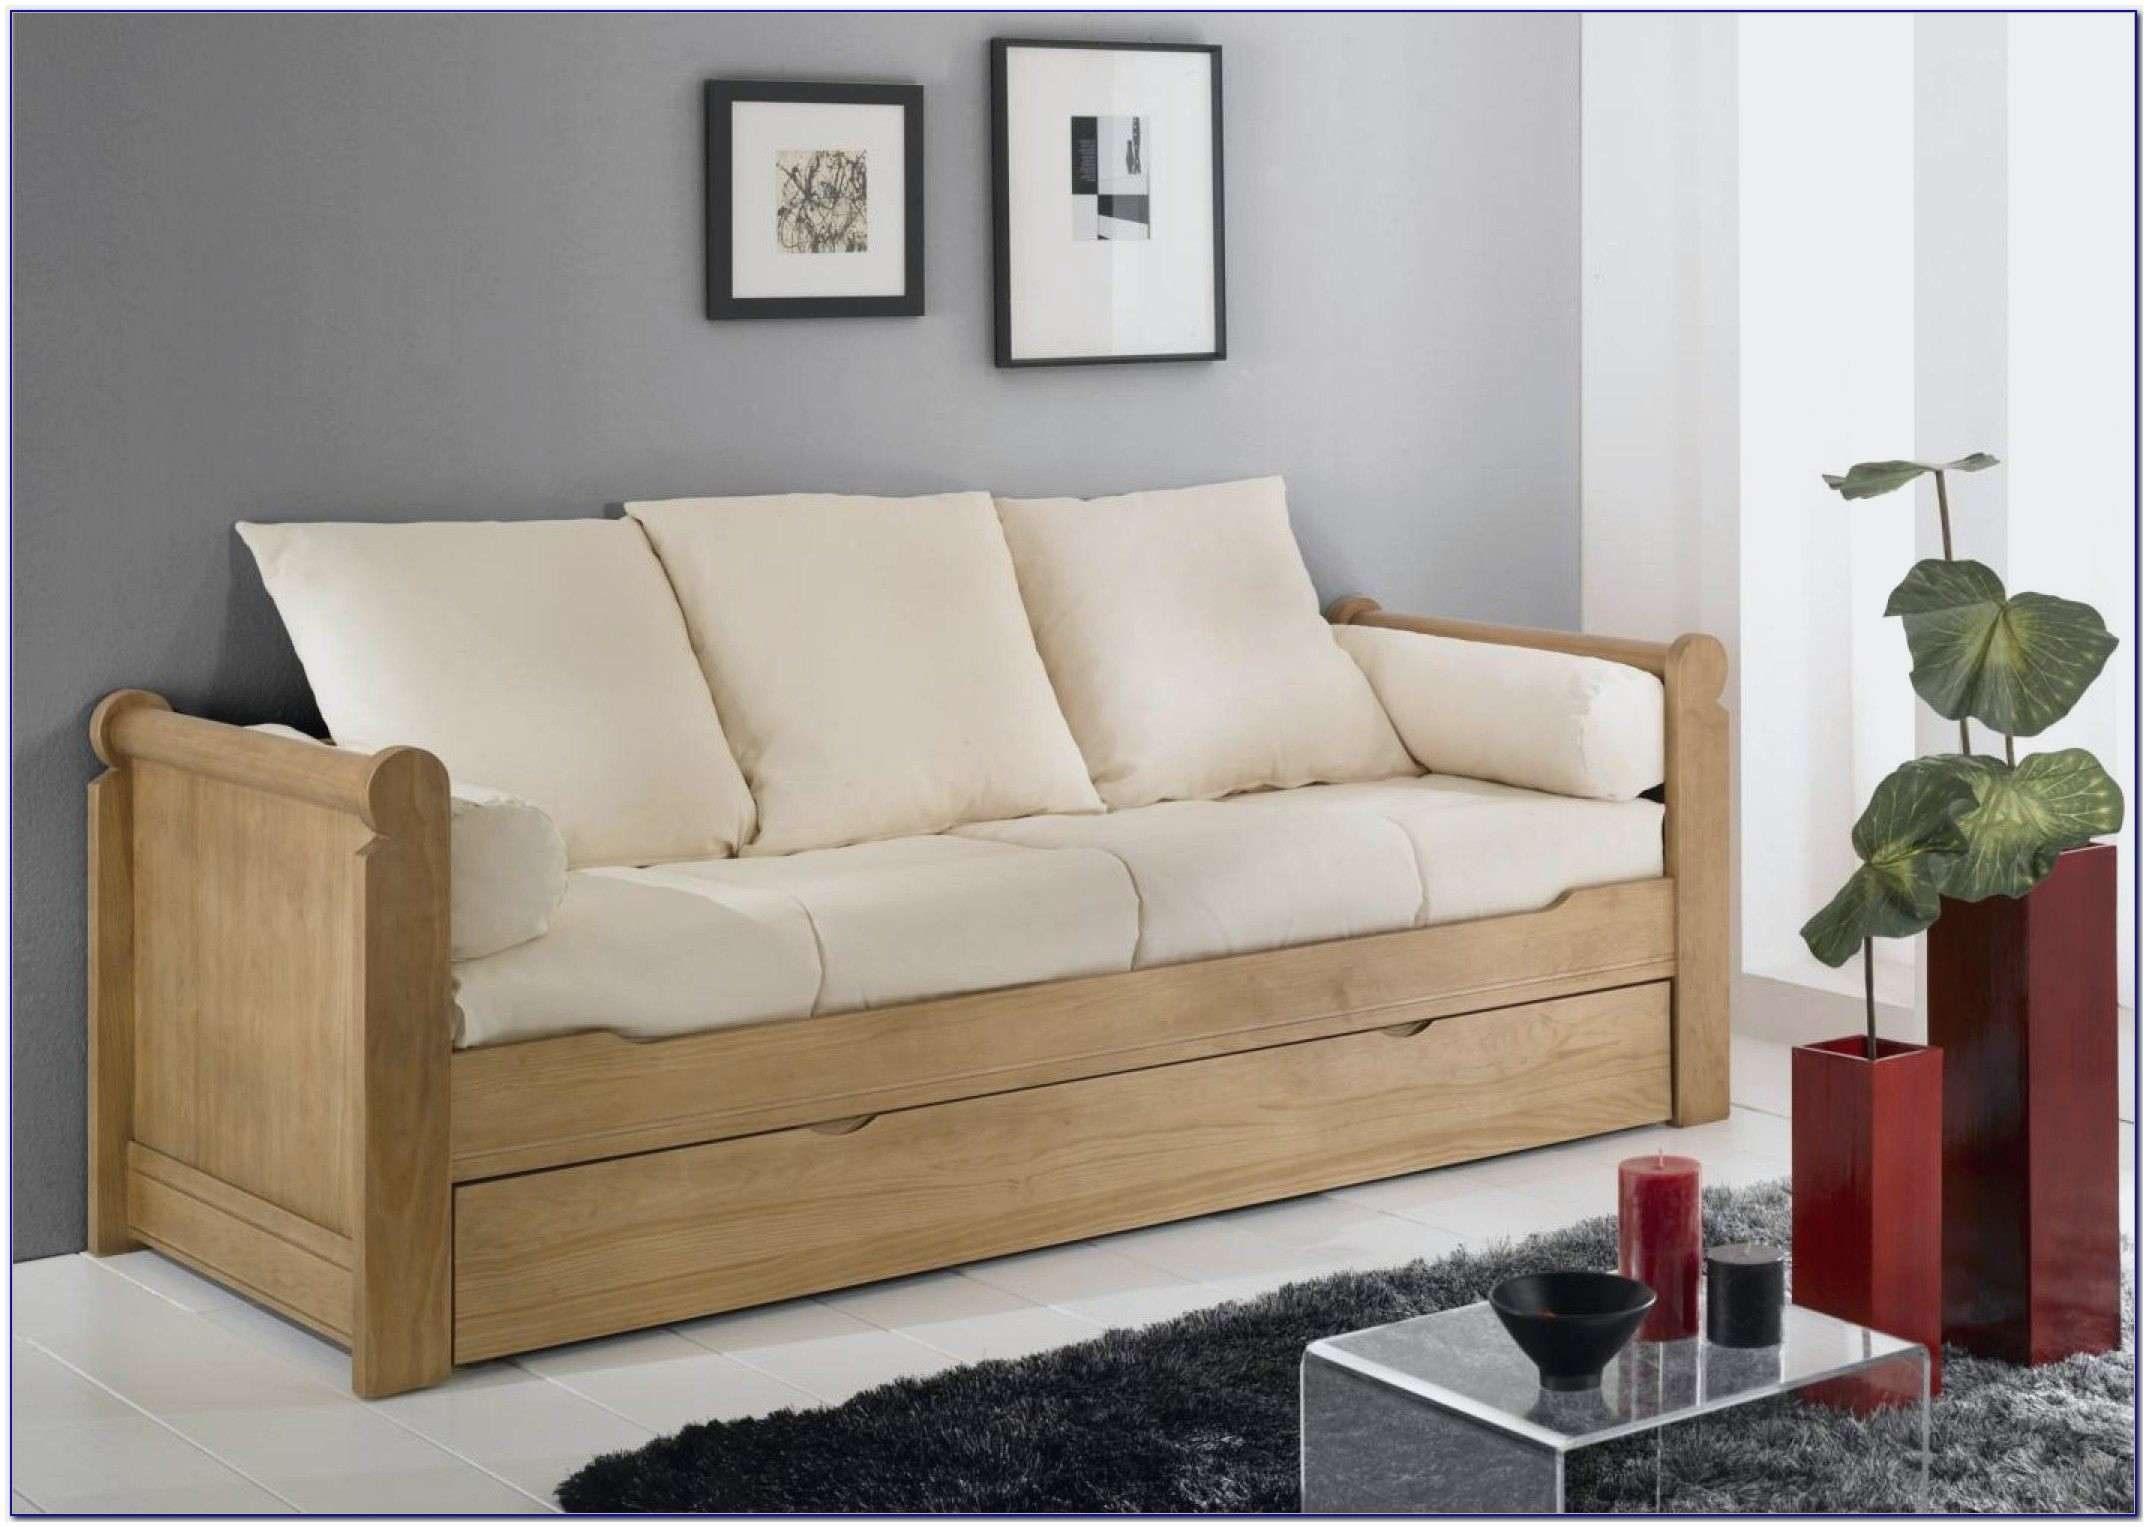 Canapé Lit Haut De Gamme Génial Nouveau Luxury Canapé Lit Matelas Pour Option Canapé Convertible 2